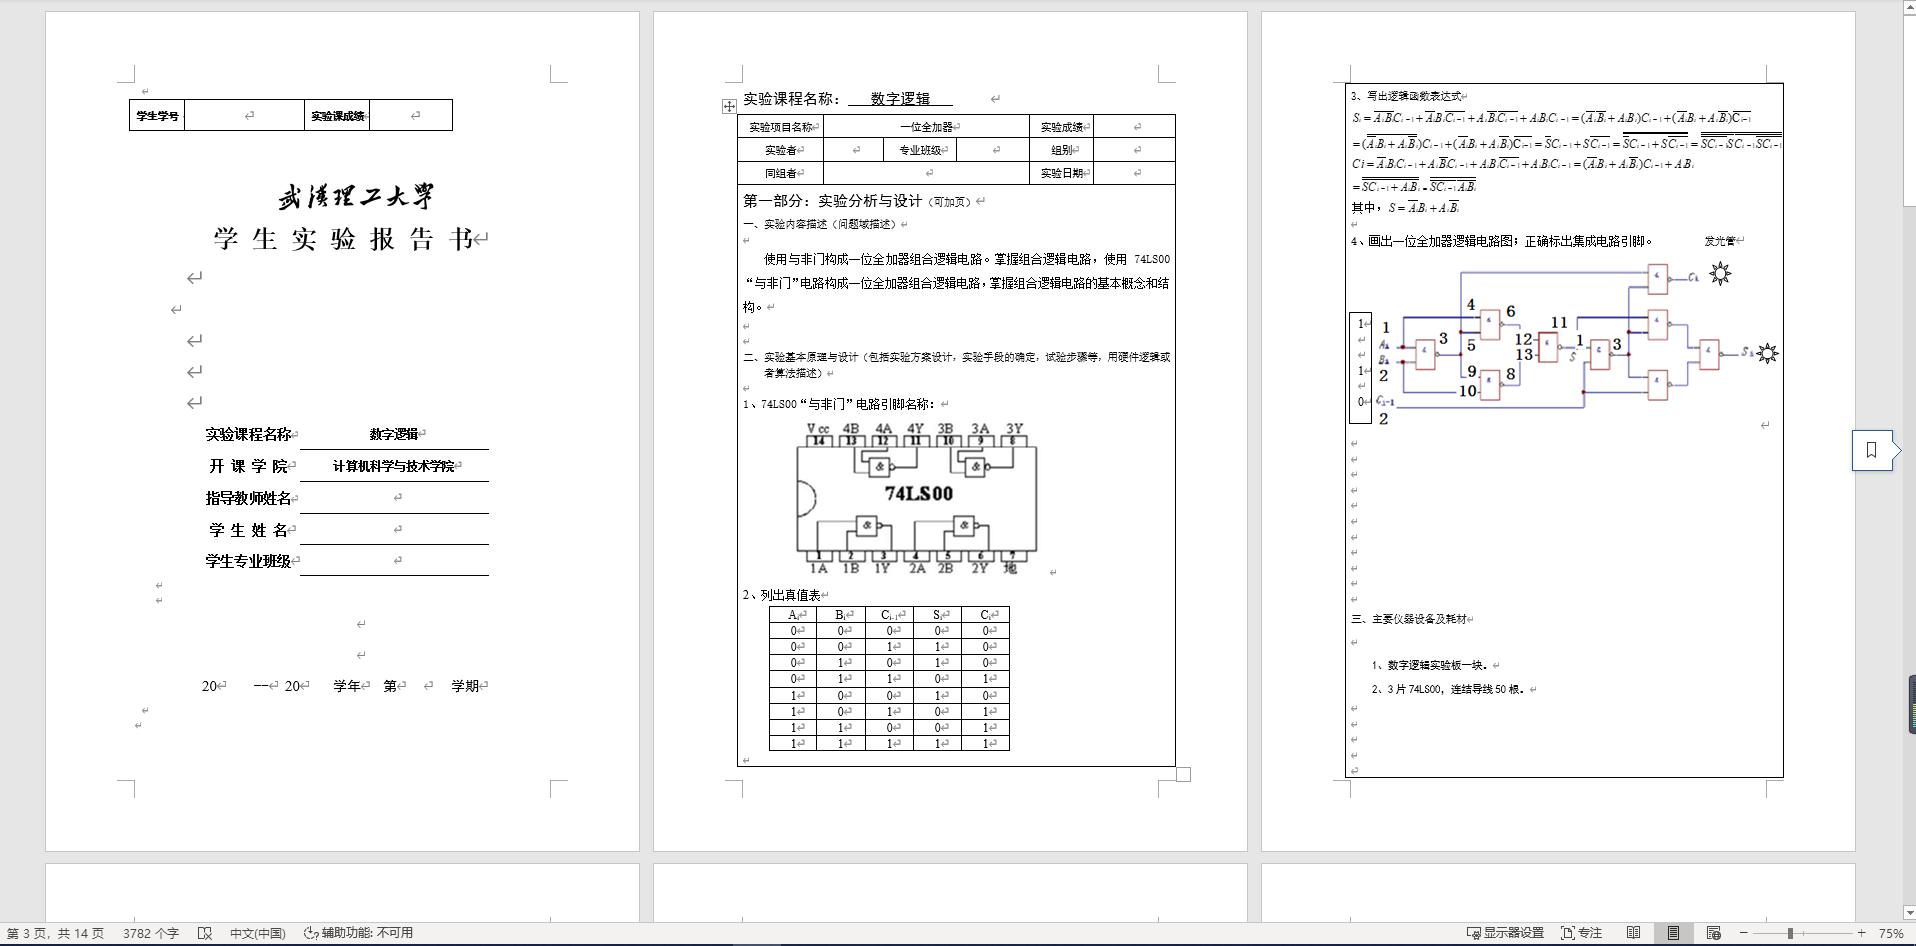 《数字逻辑》实验报告书